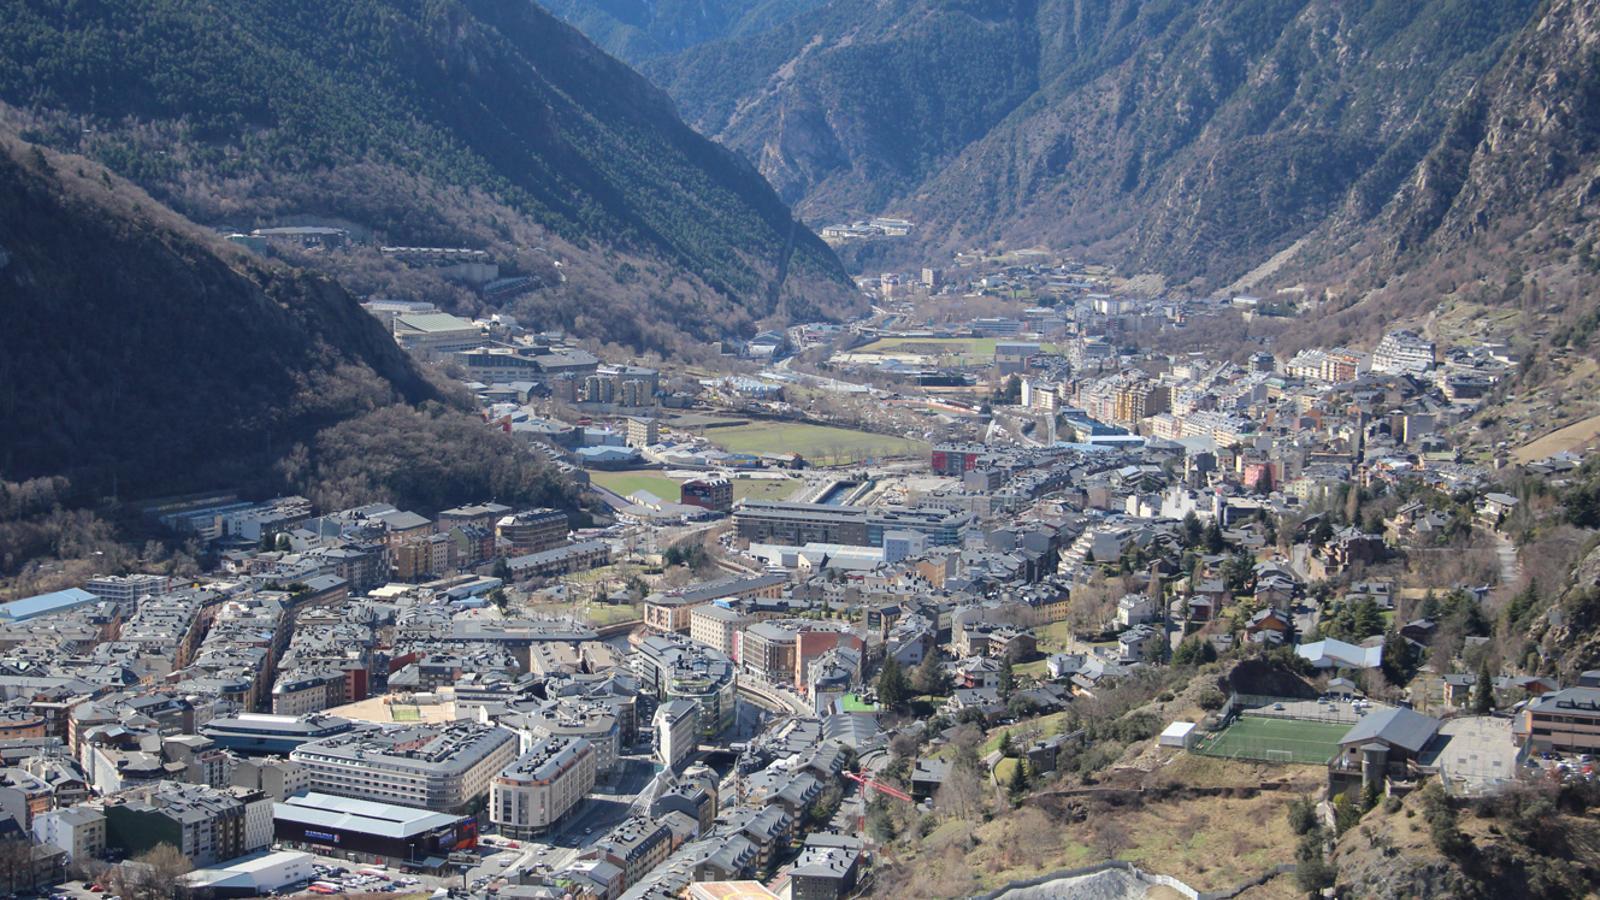 Vista de la parròquia d'Andorra la Vella / D.R.